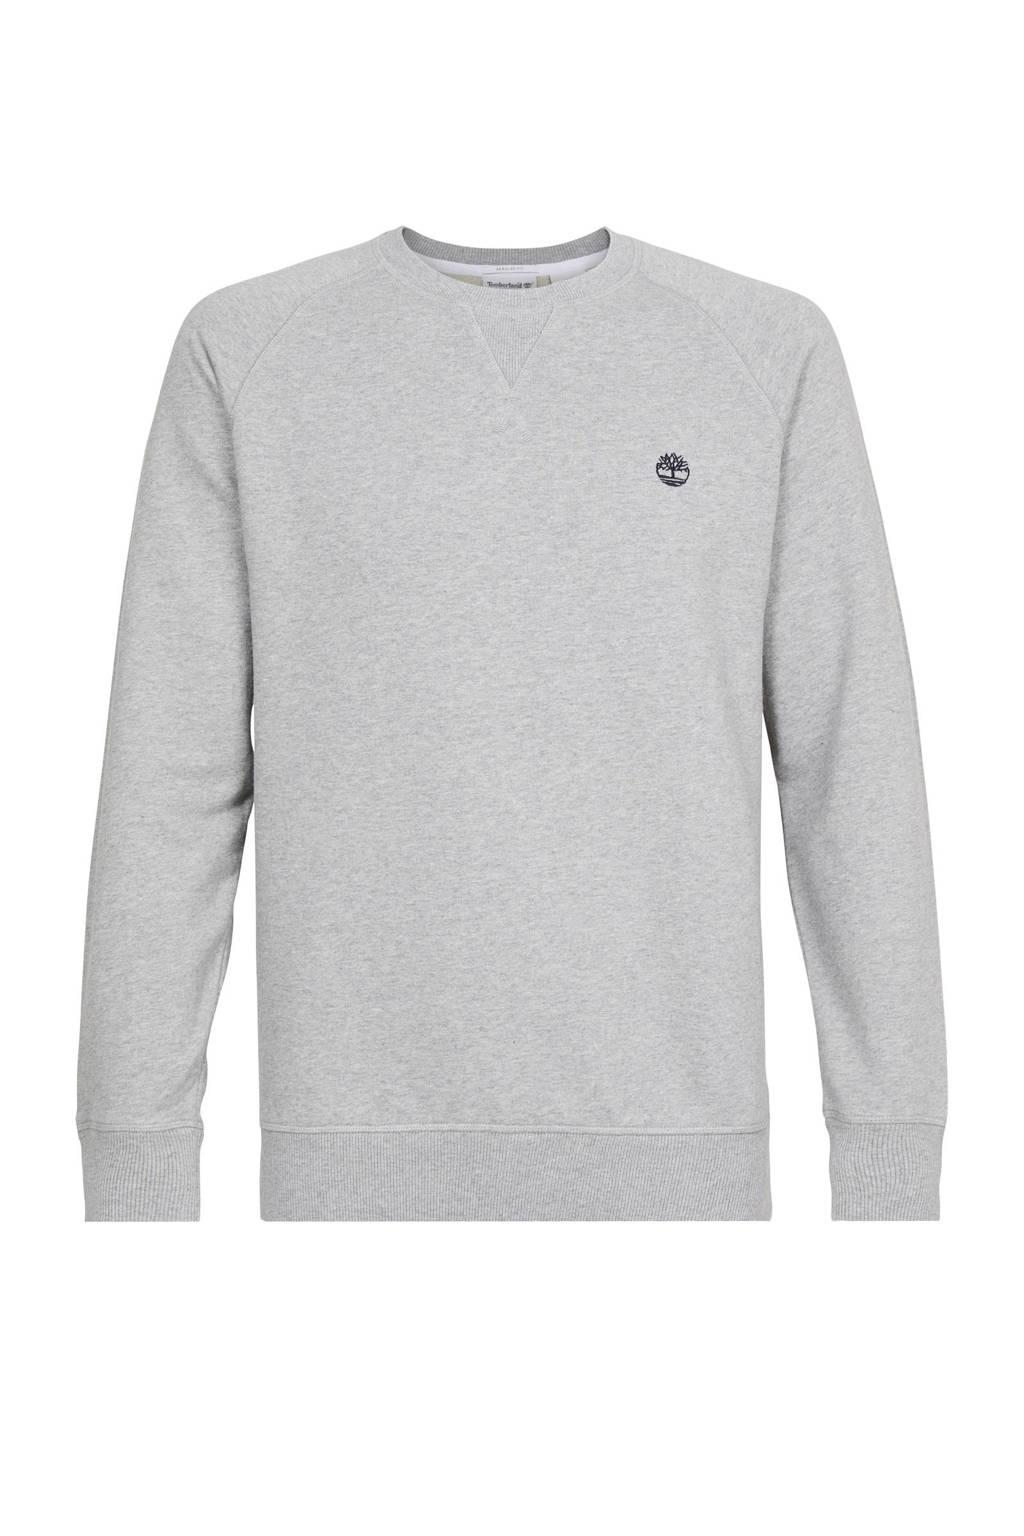 Timberland sweater licht grijs, Licht grijs